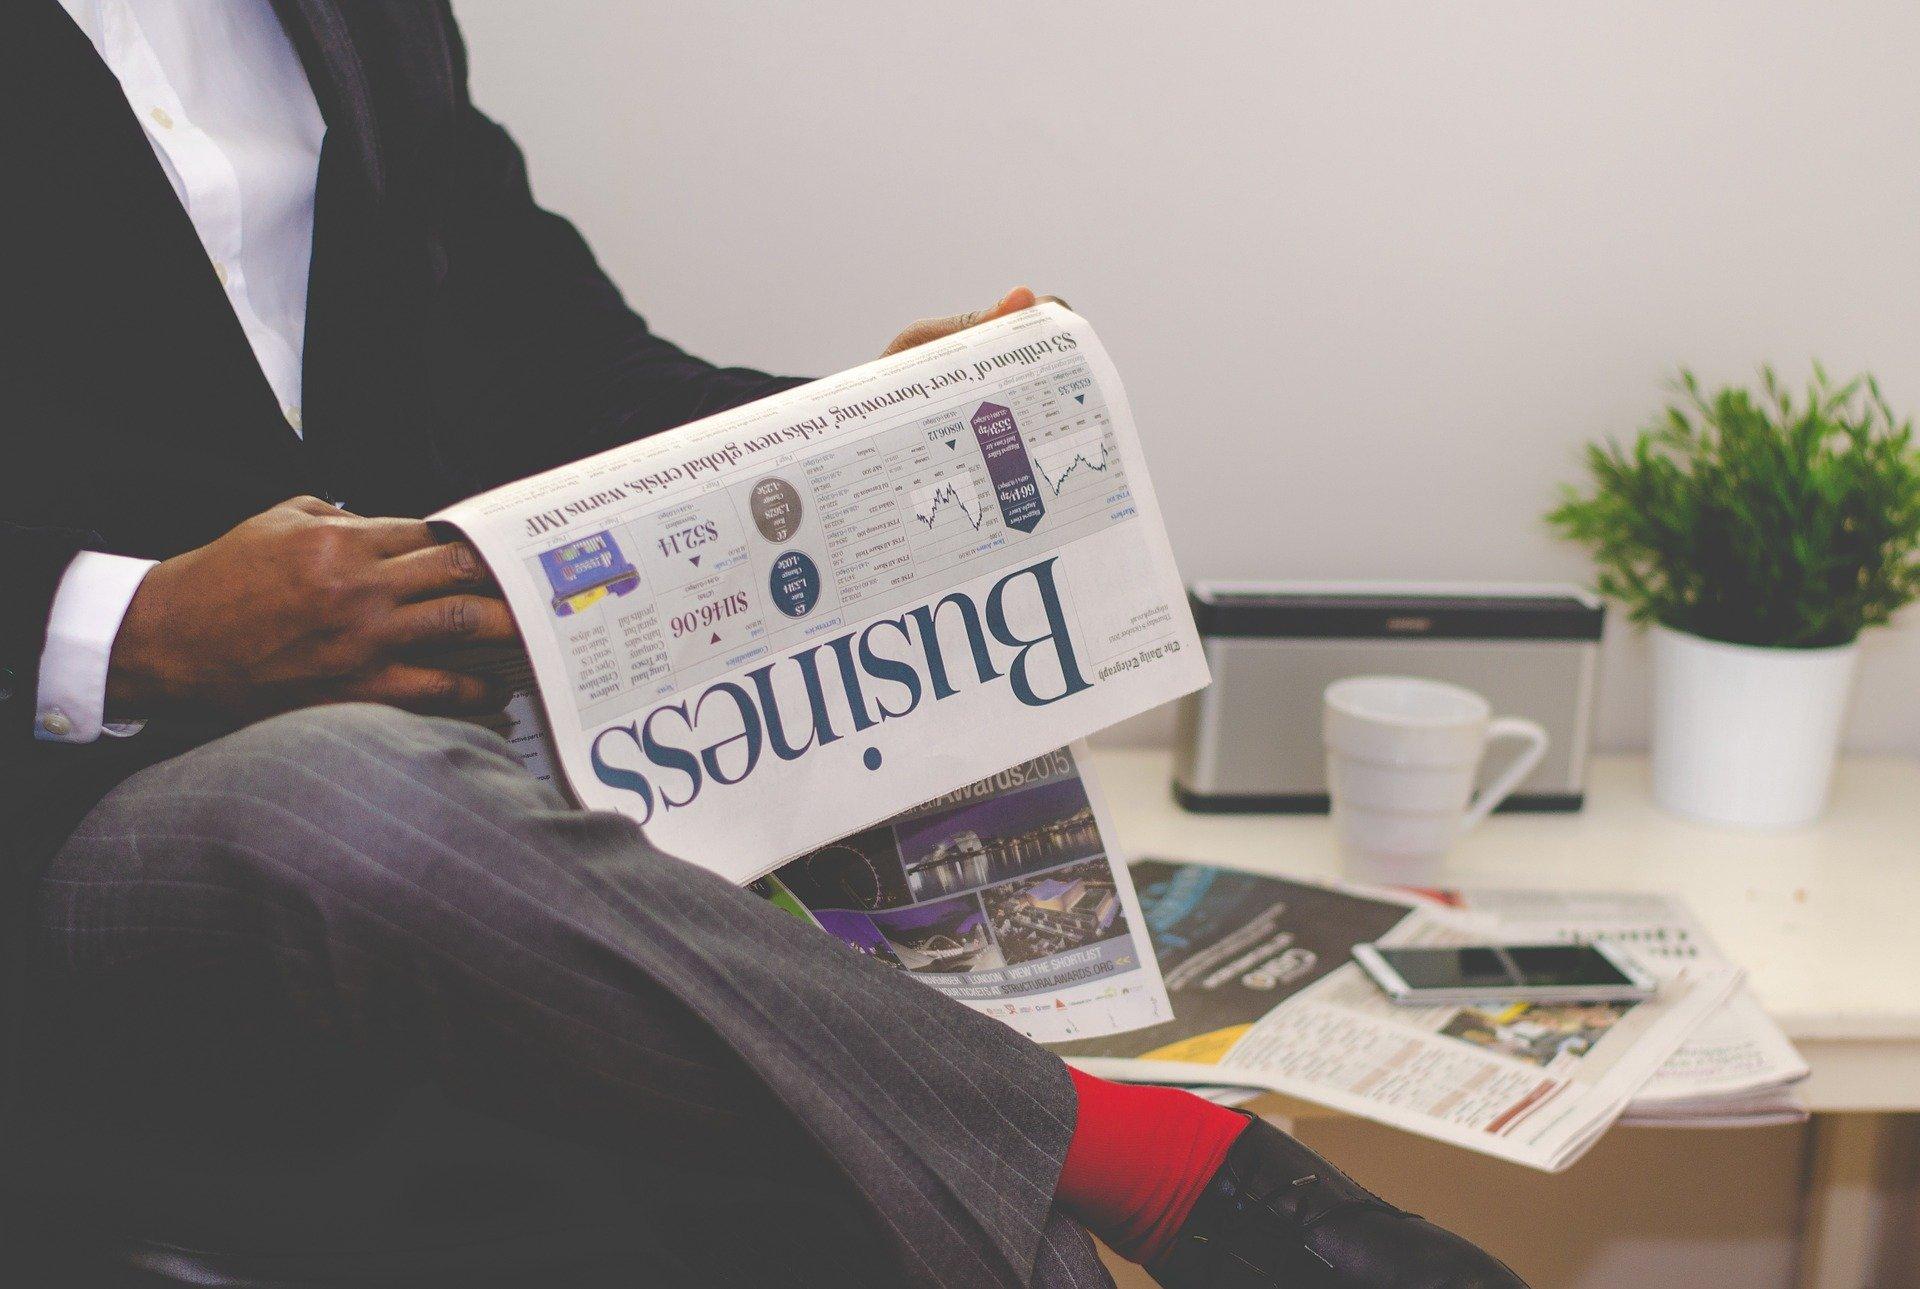 Comunicato stampa: come utilizzarlo per fare marketing